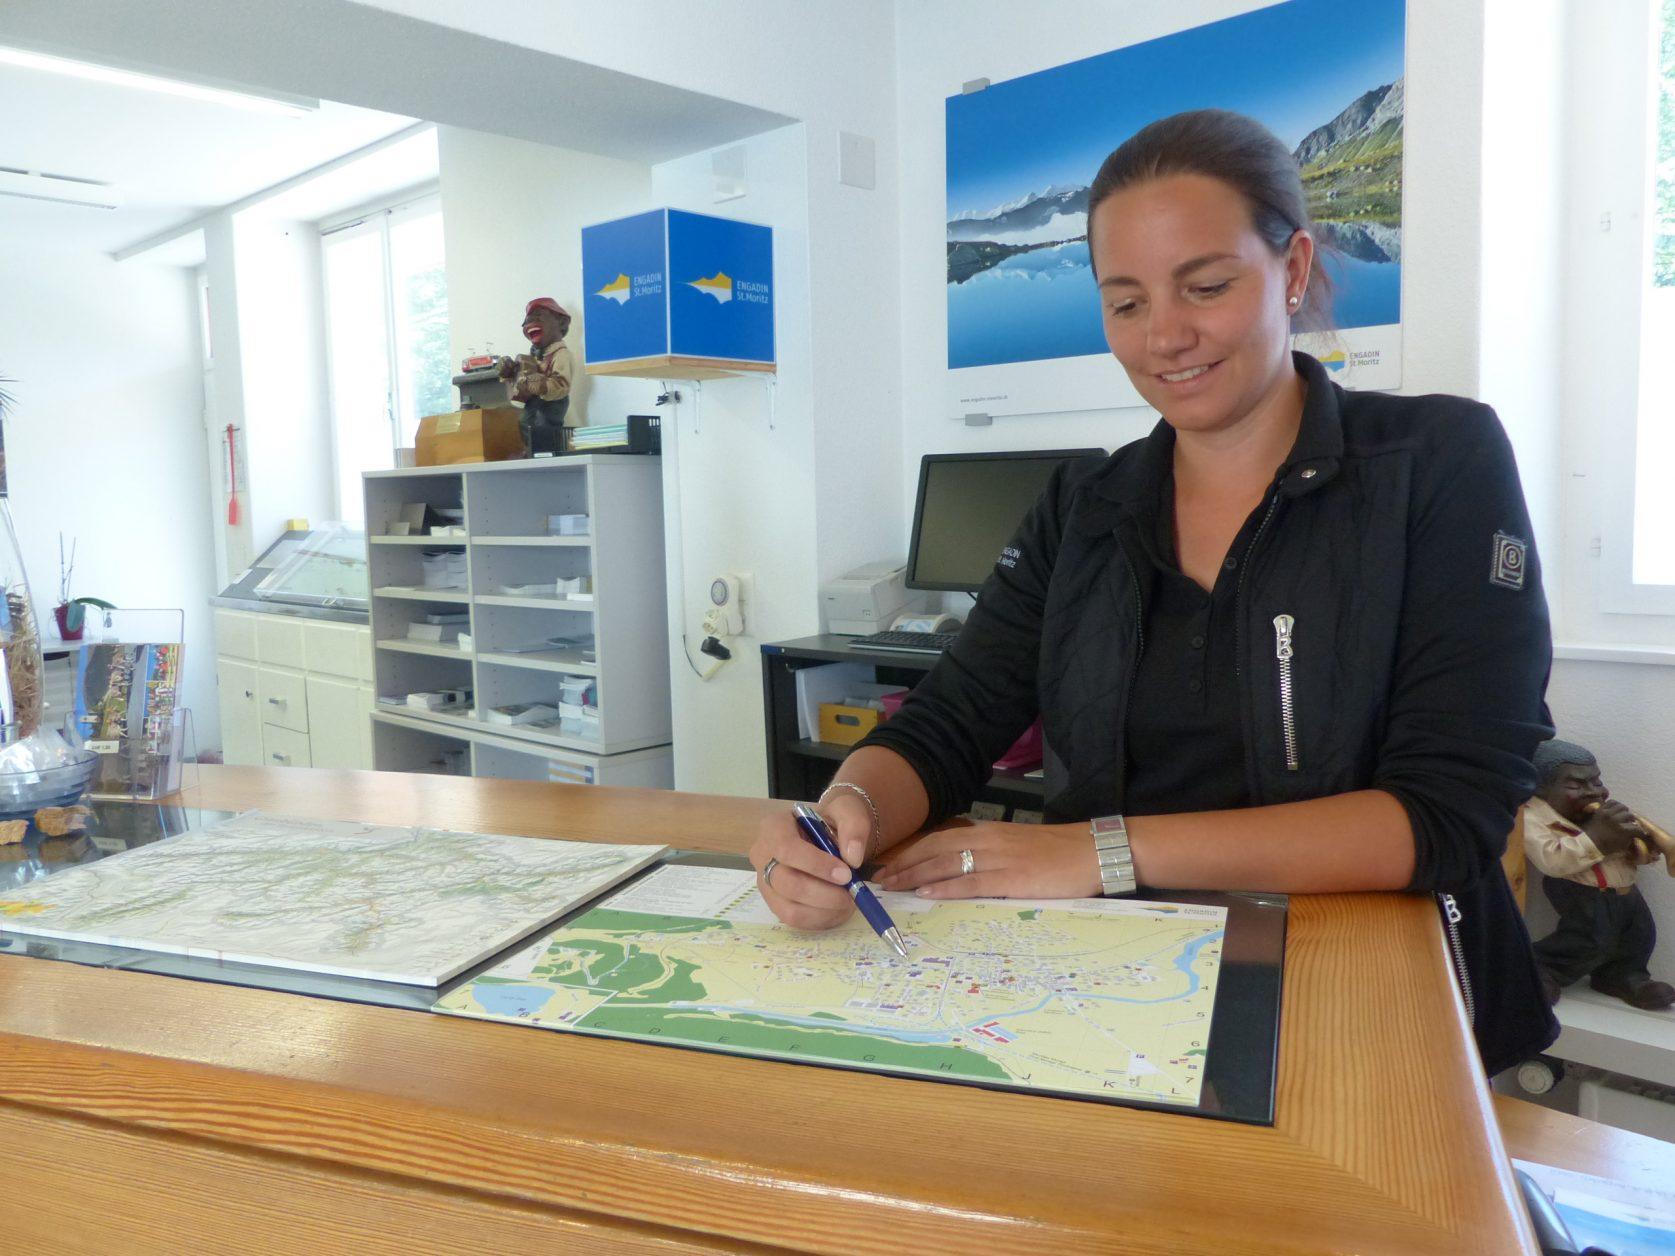 Kompetente informationen erhält man auch in der Touriinformation von Celerina, foto: Weirauch